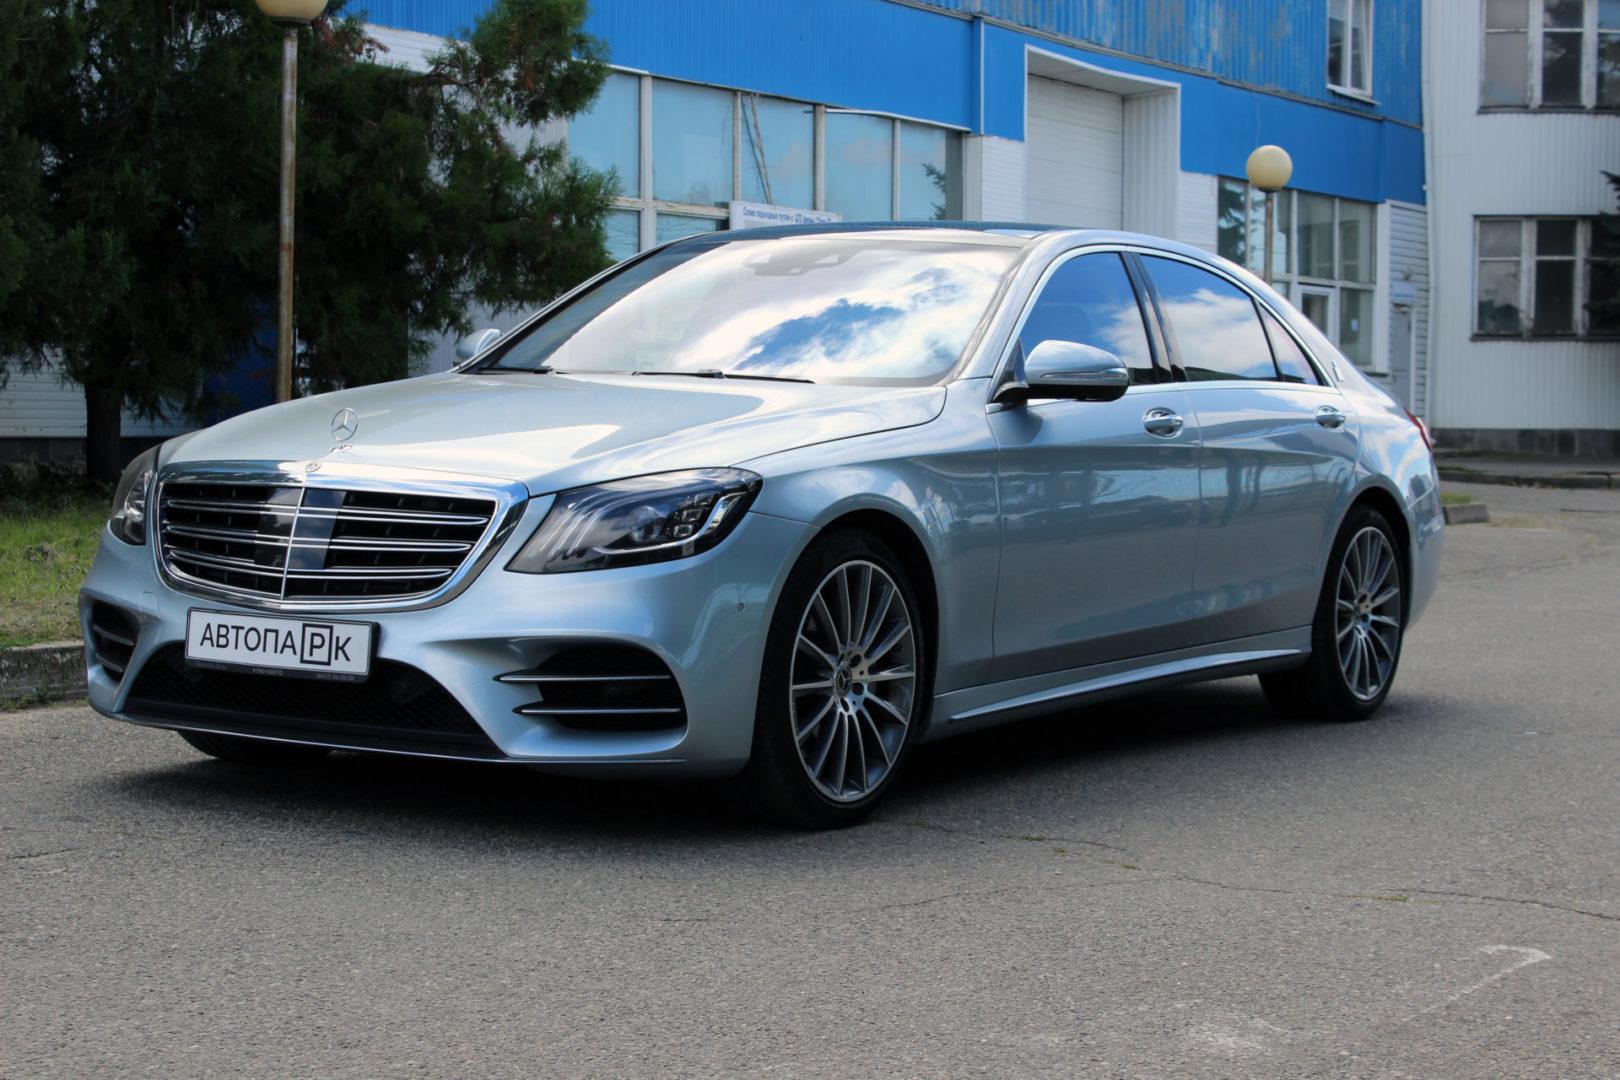 Купить Mercedes-Benz S-класс (Серебристый ) - Автопарк Ставрополь